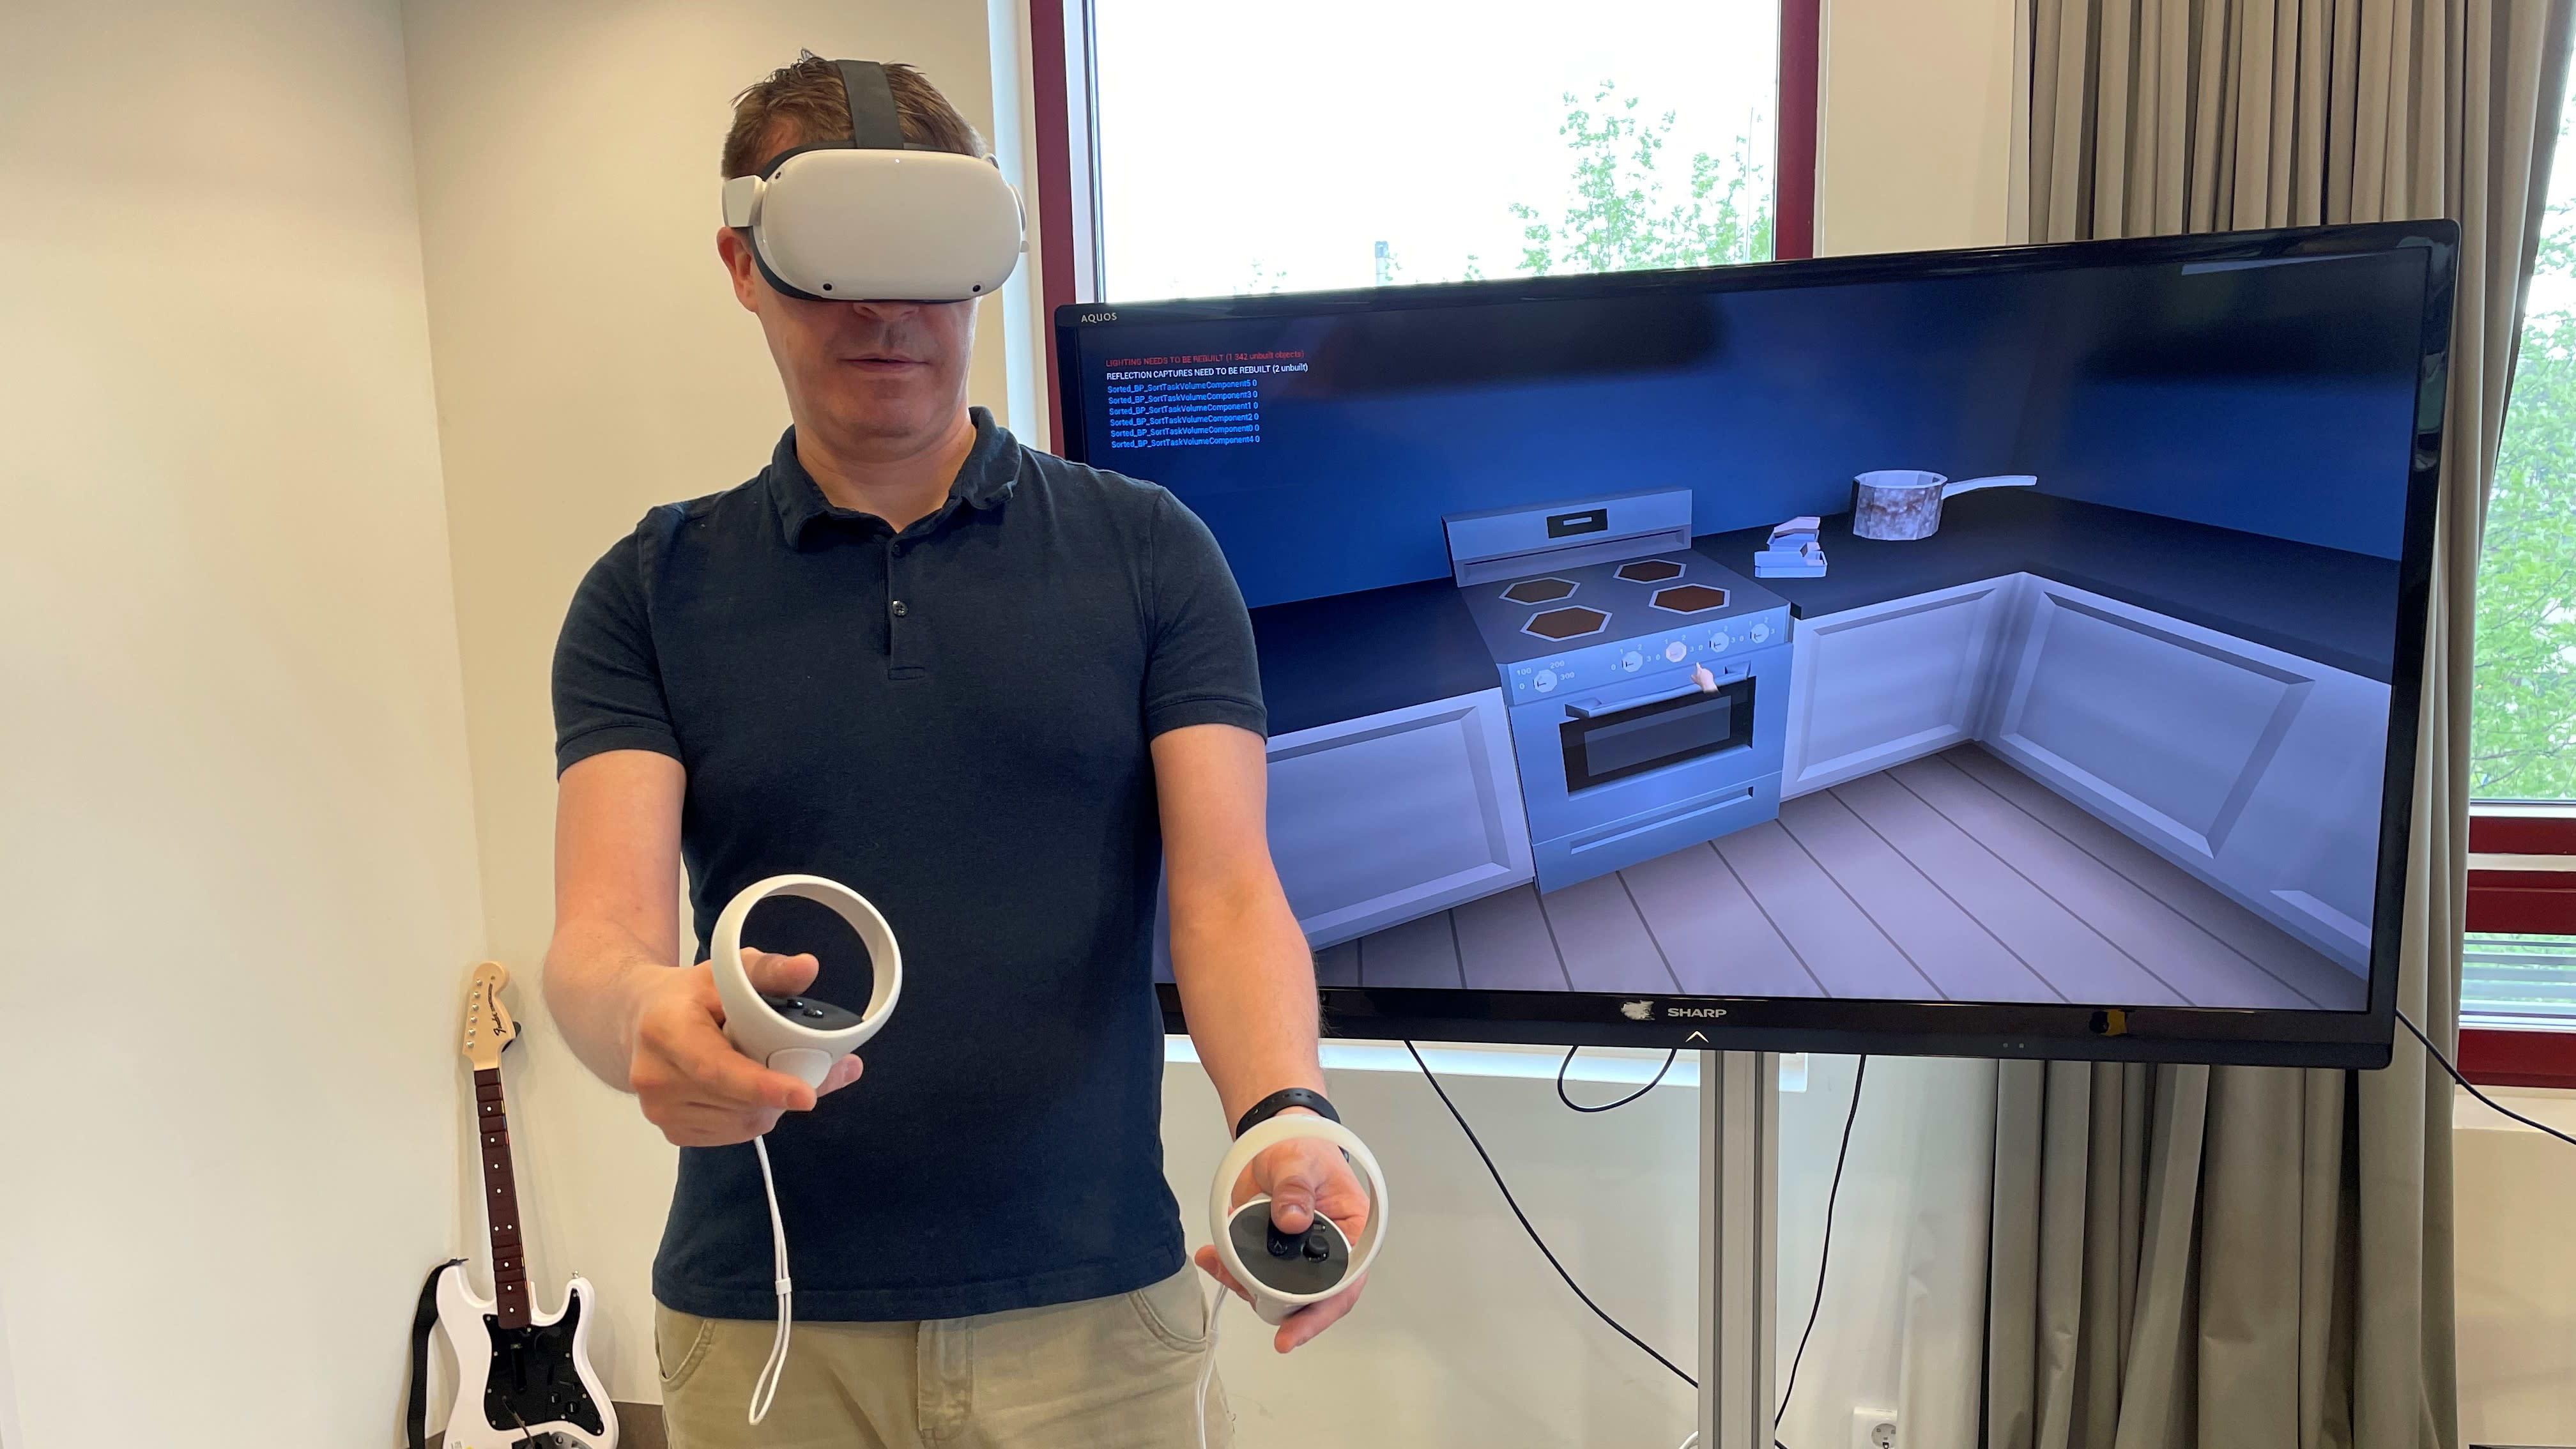 Pakopeli Mysteeri auttaa nuorten kuntoutuksessa -  virtuaalialustalla voi opetella niin taloustaitoja kuin siivoamistakin